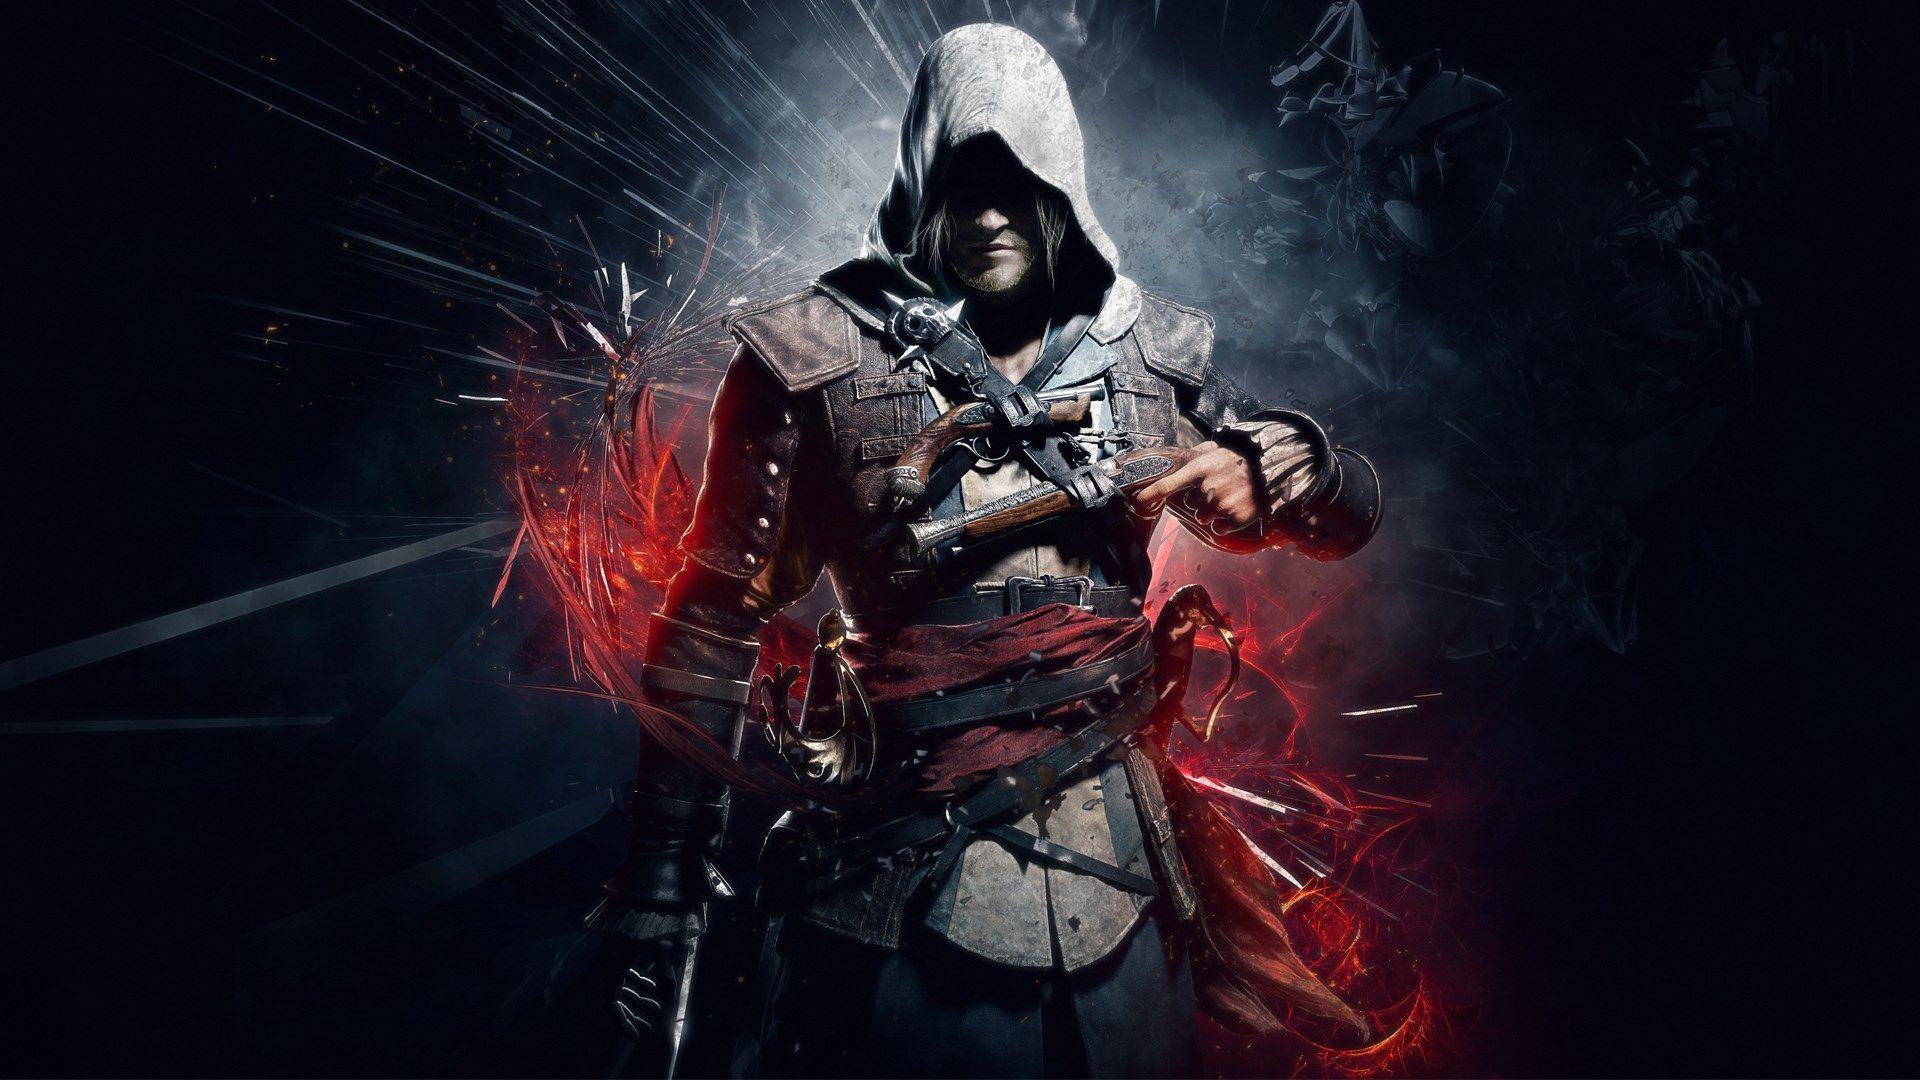 Ultra Hd K Assassins Creed Wallpapers Hd Desktop Backgrounds